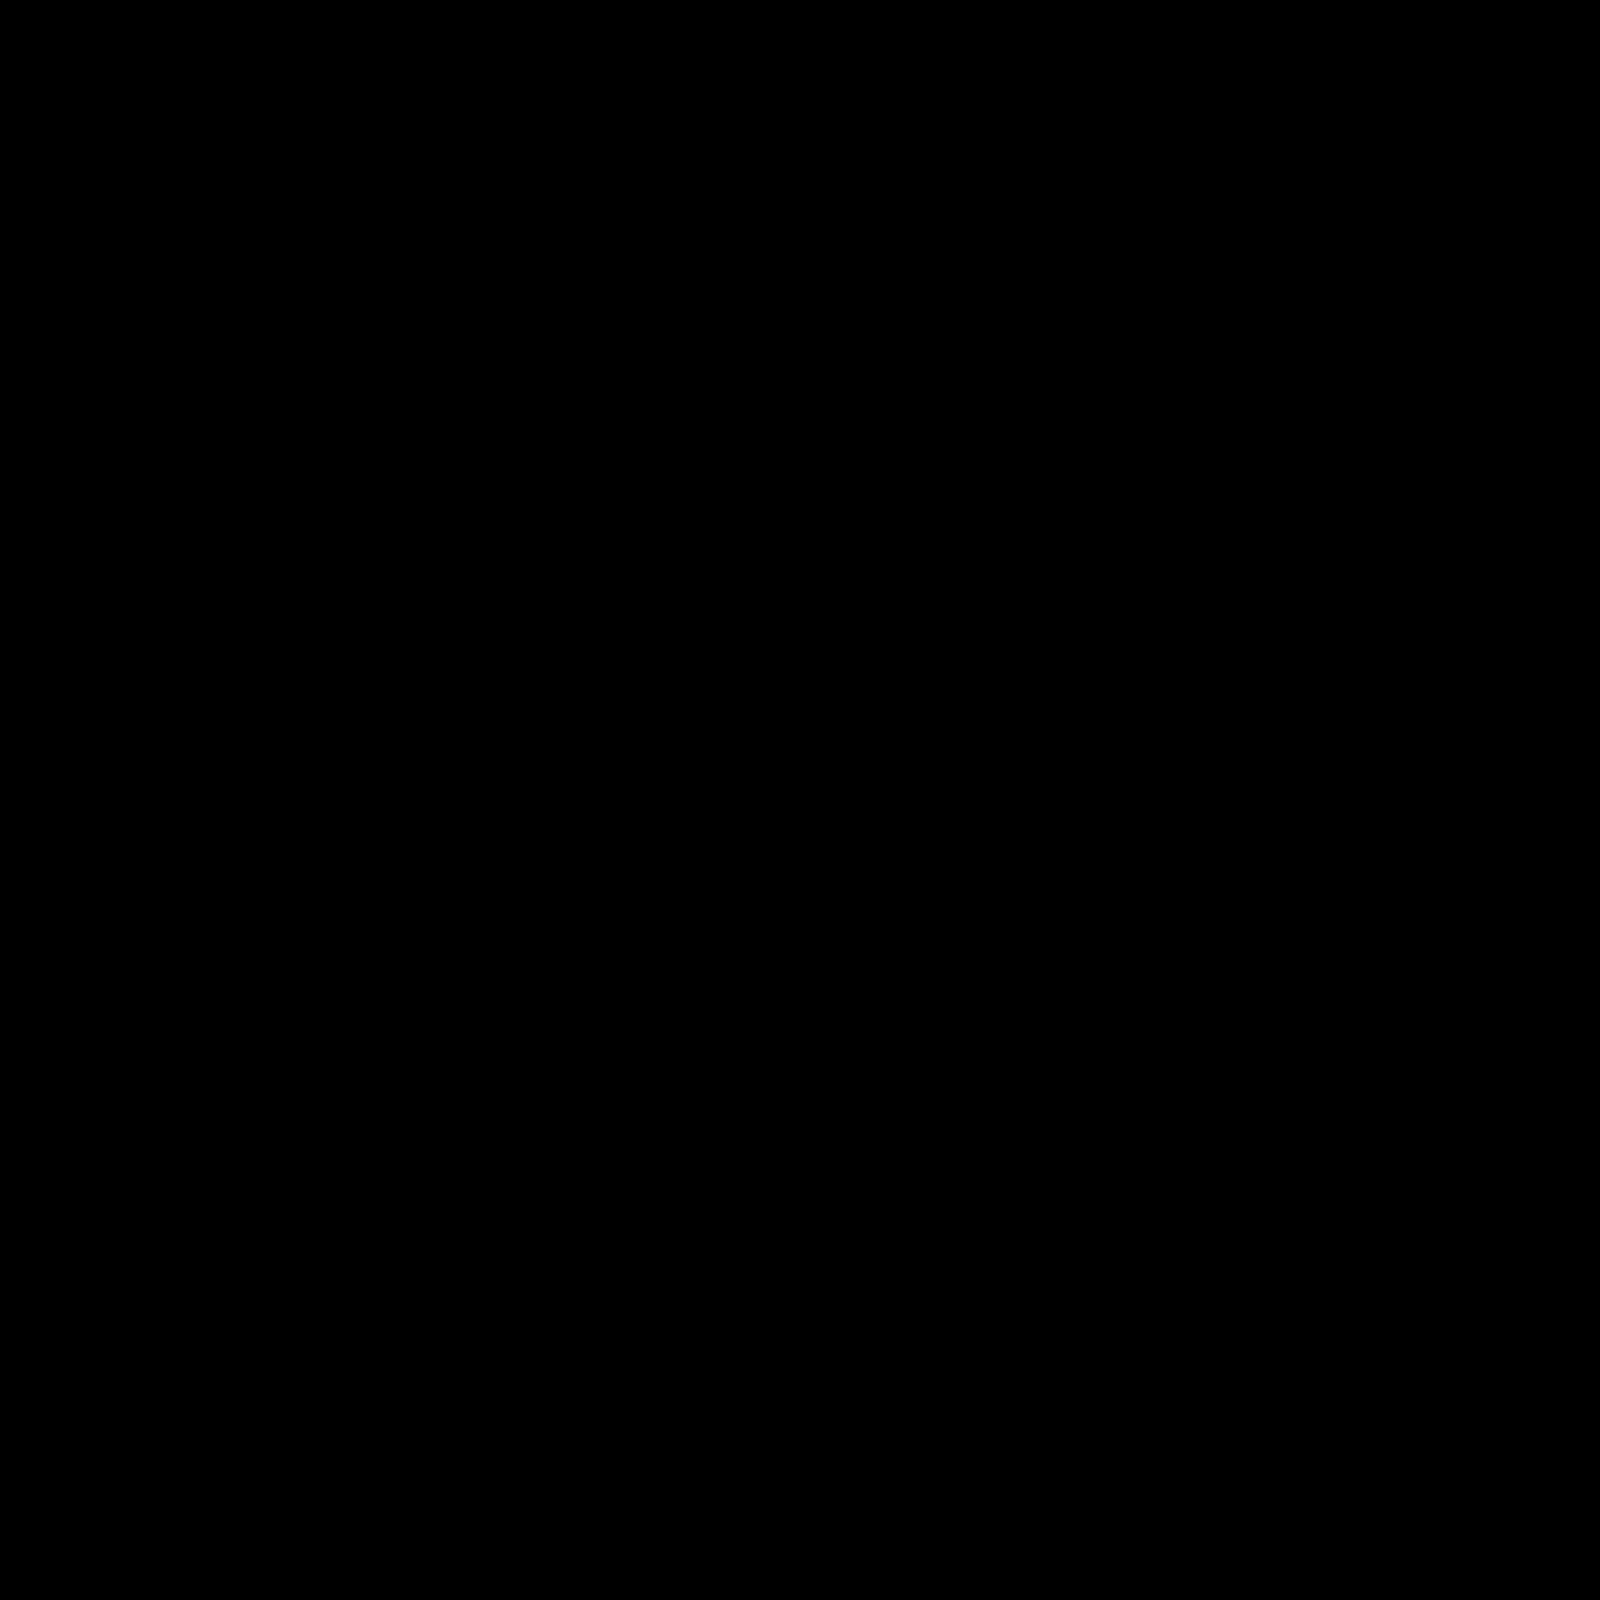 Papagayo icon